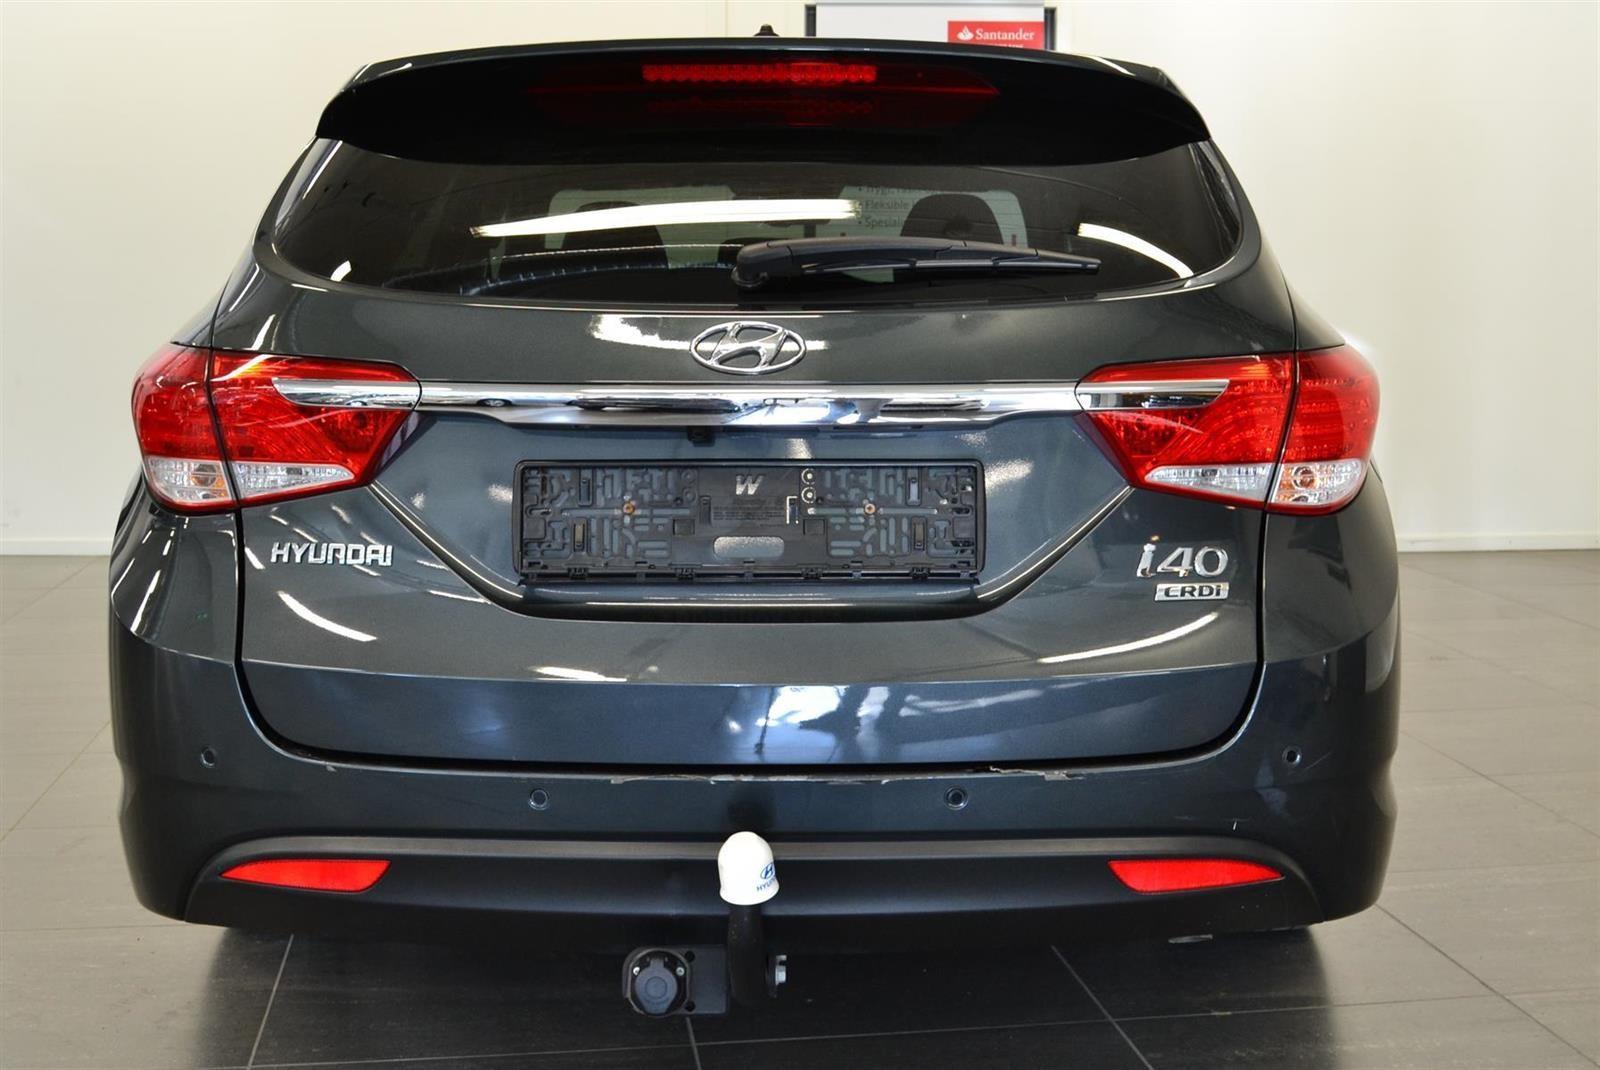 Hyundai i40 Slide 3